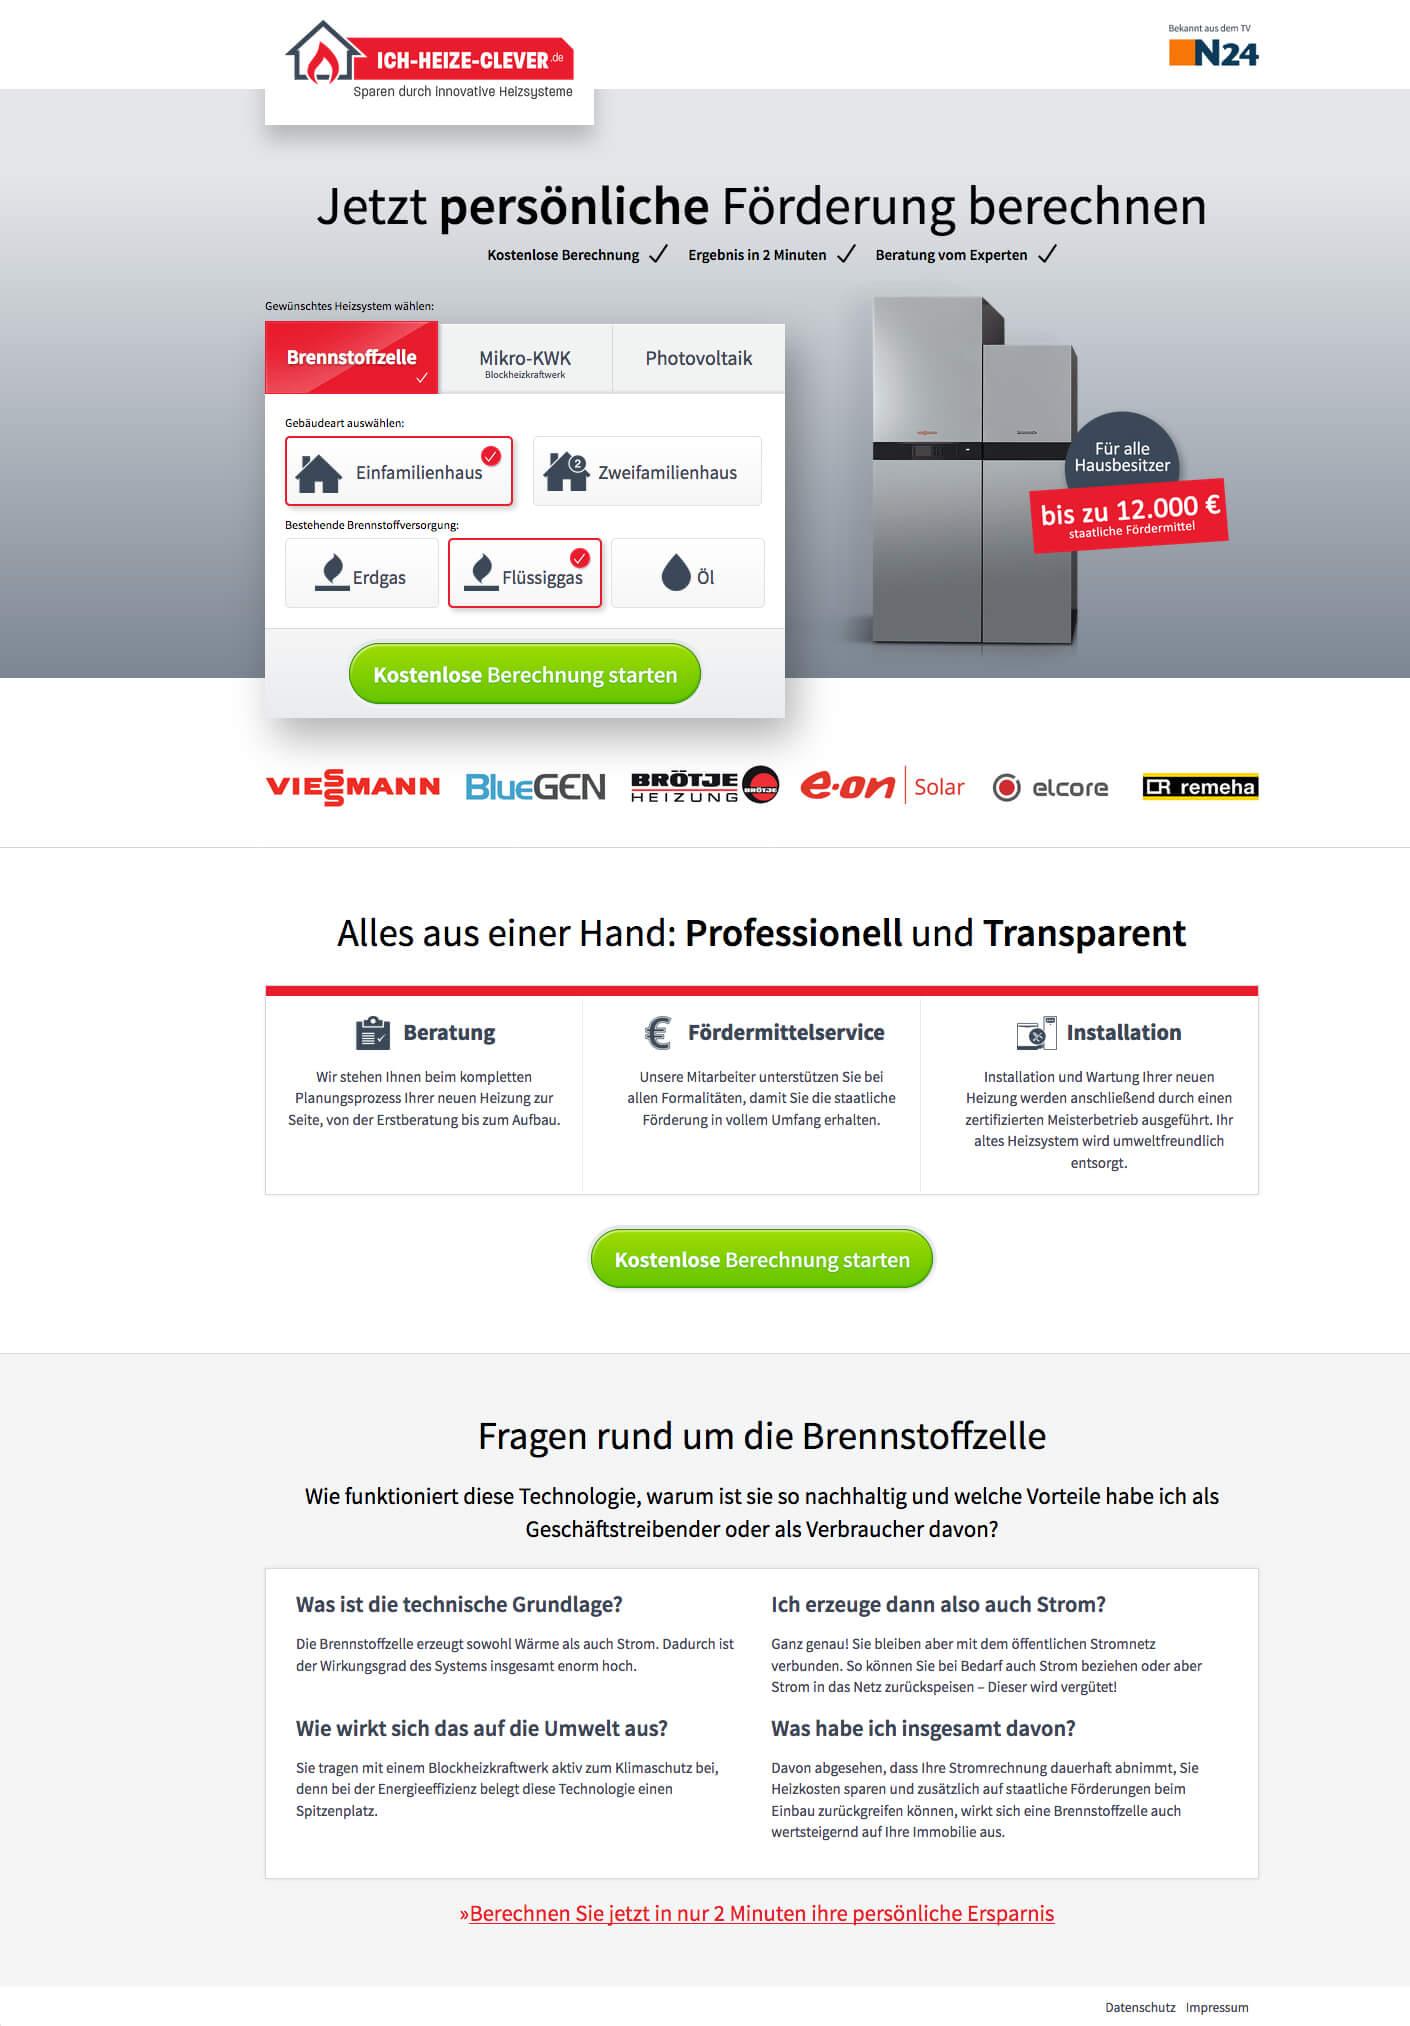 Ich-heize-clever.de Webdesign Komplettansicht